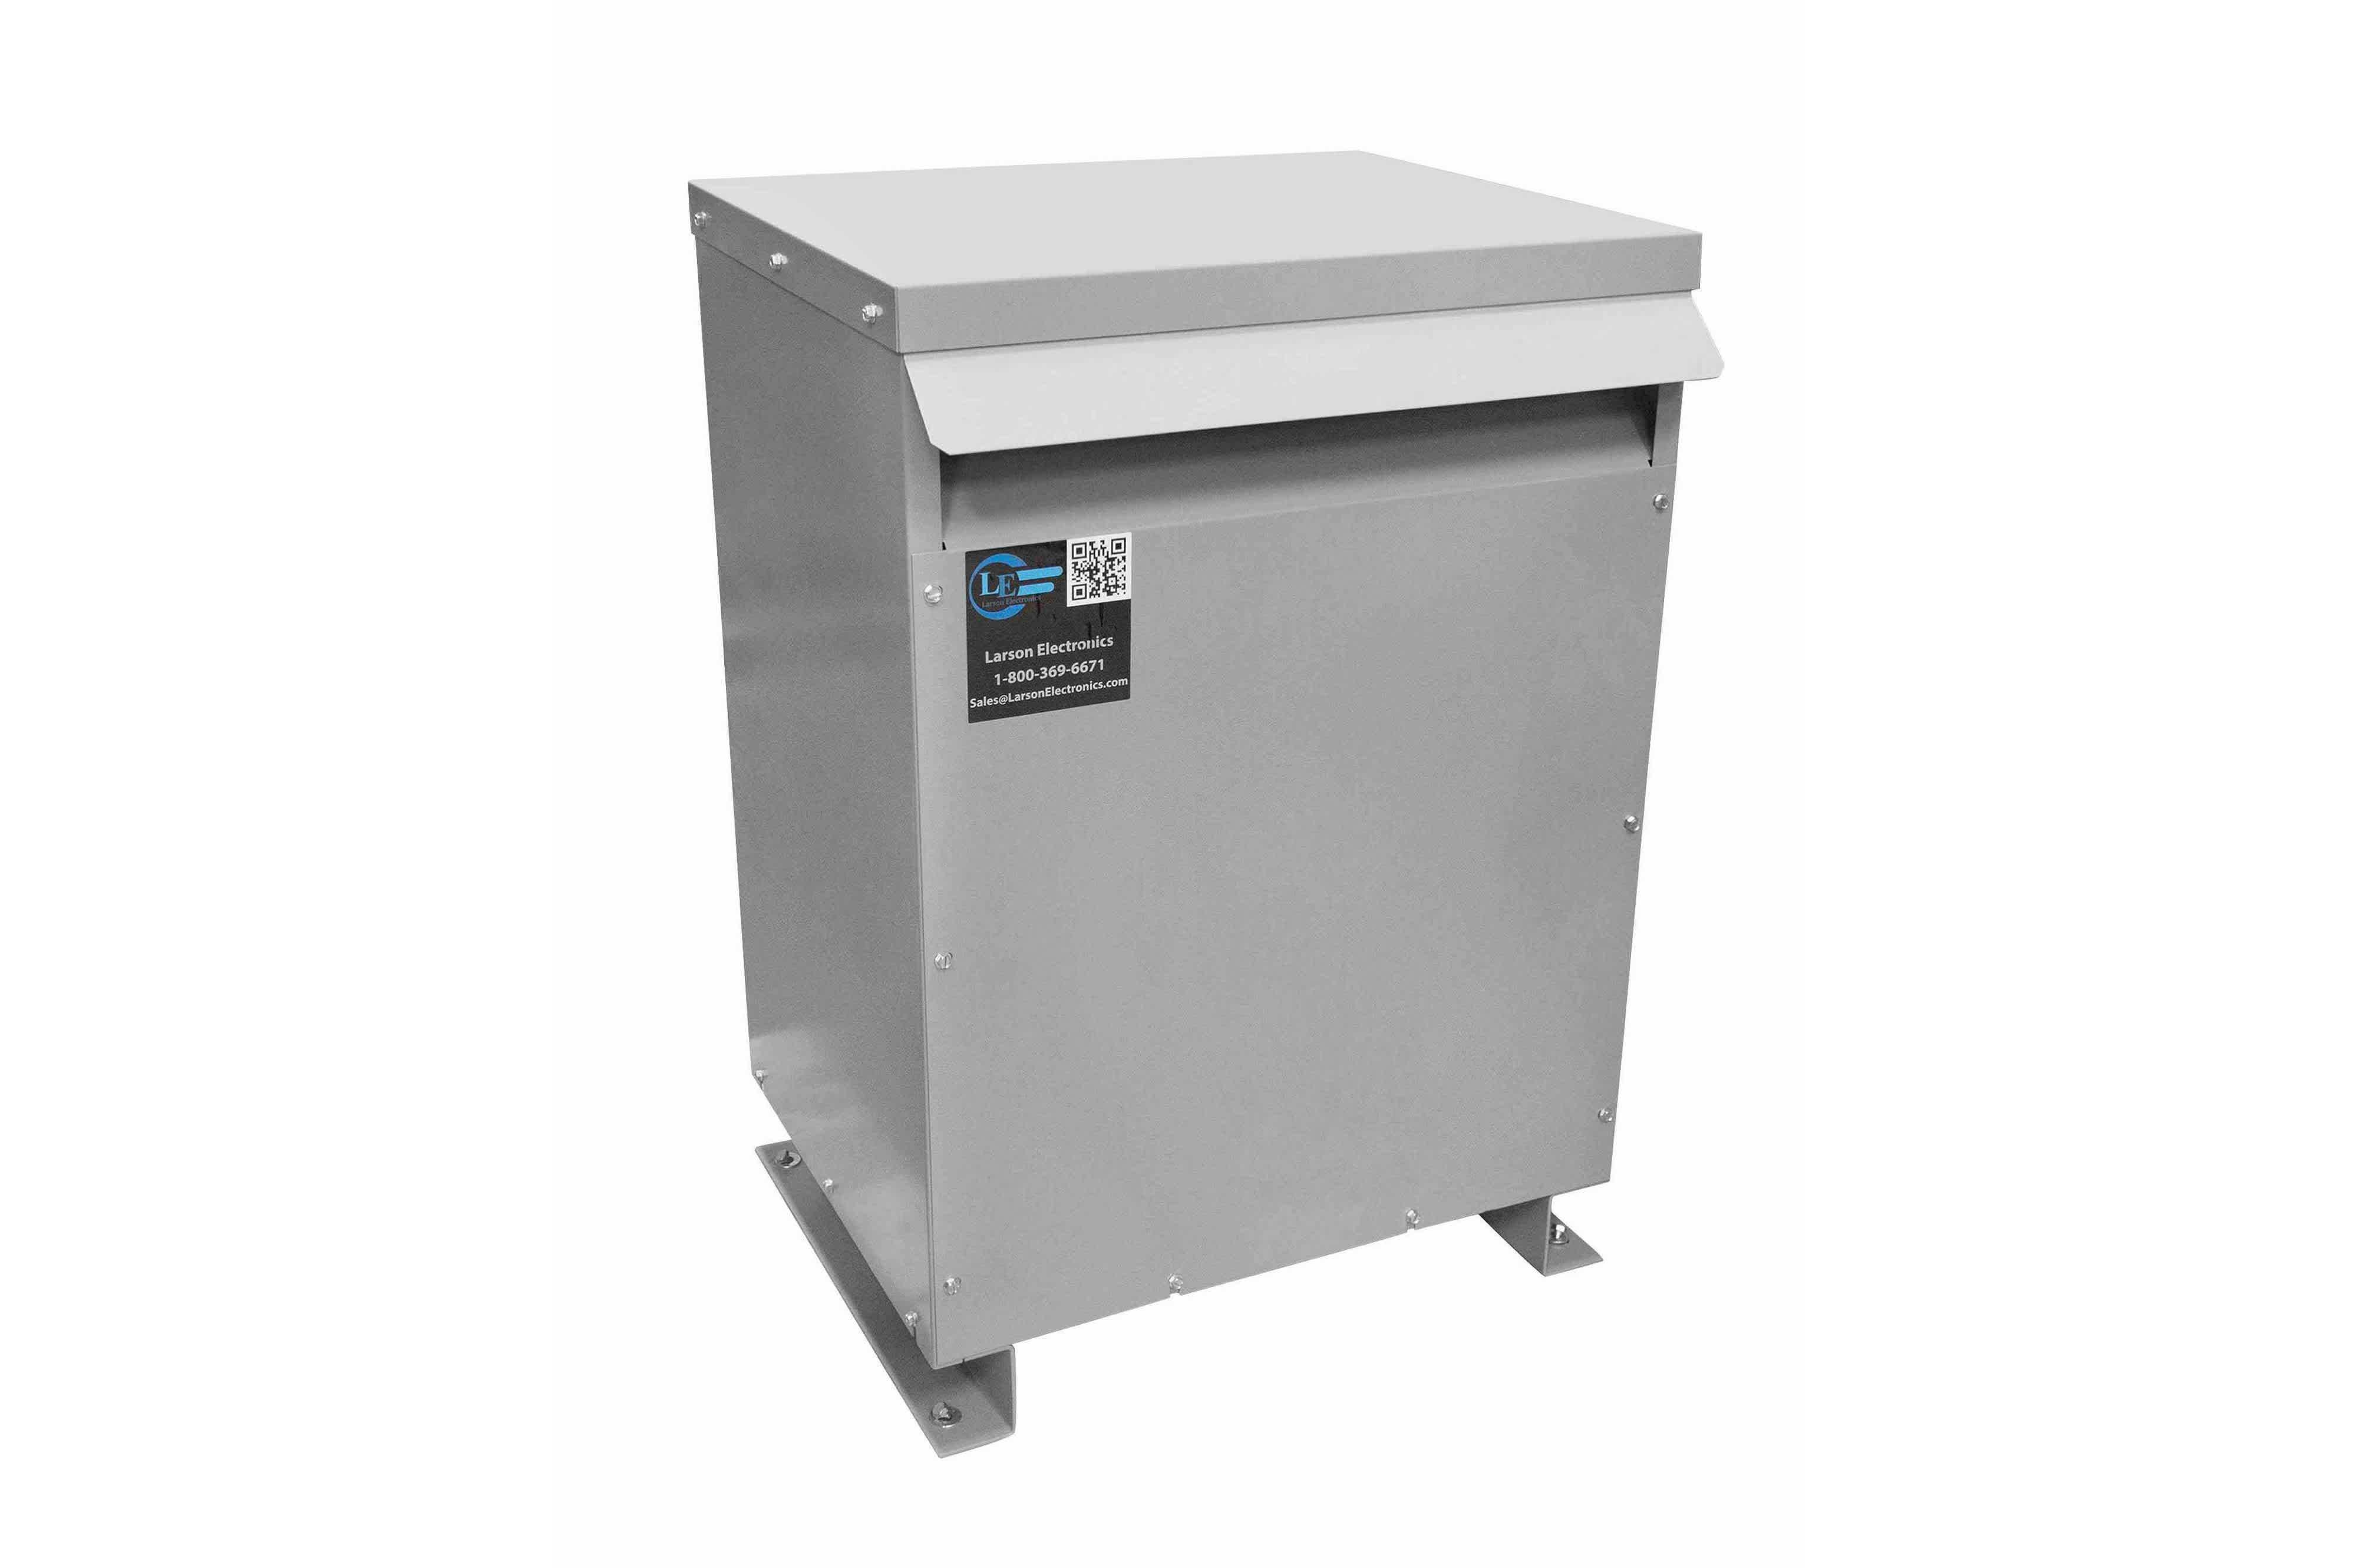 65 kVA 3PH Isolation Transformer, 380V Delta Primary, 240 Delta Secondary, N3R, Ventilated, 60 Hz